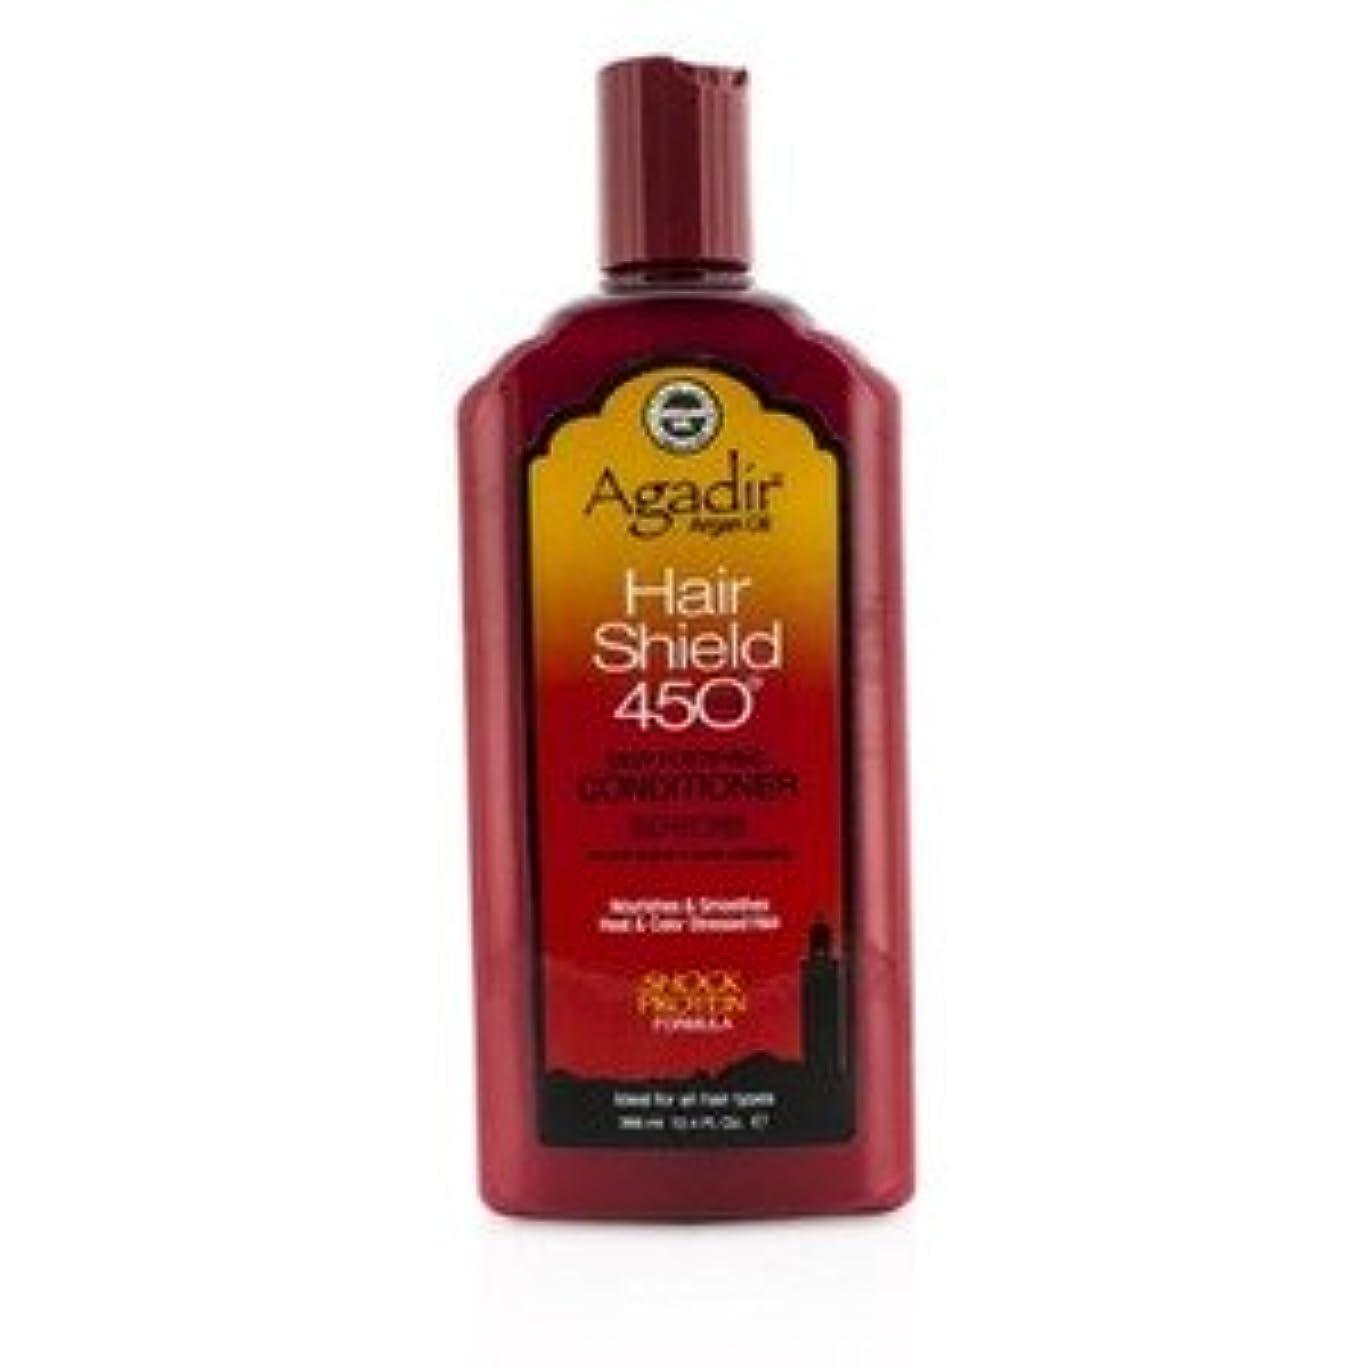 オピエートコメンテーター年金受給者アガディール(Agadir) ヘア シールド 450 プラス ディープ フォーティファイング コンディショナー - サルフェートフリー(For All Hair Types) 366ml/12.4oz [並行輸入品]